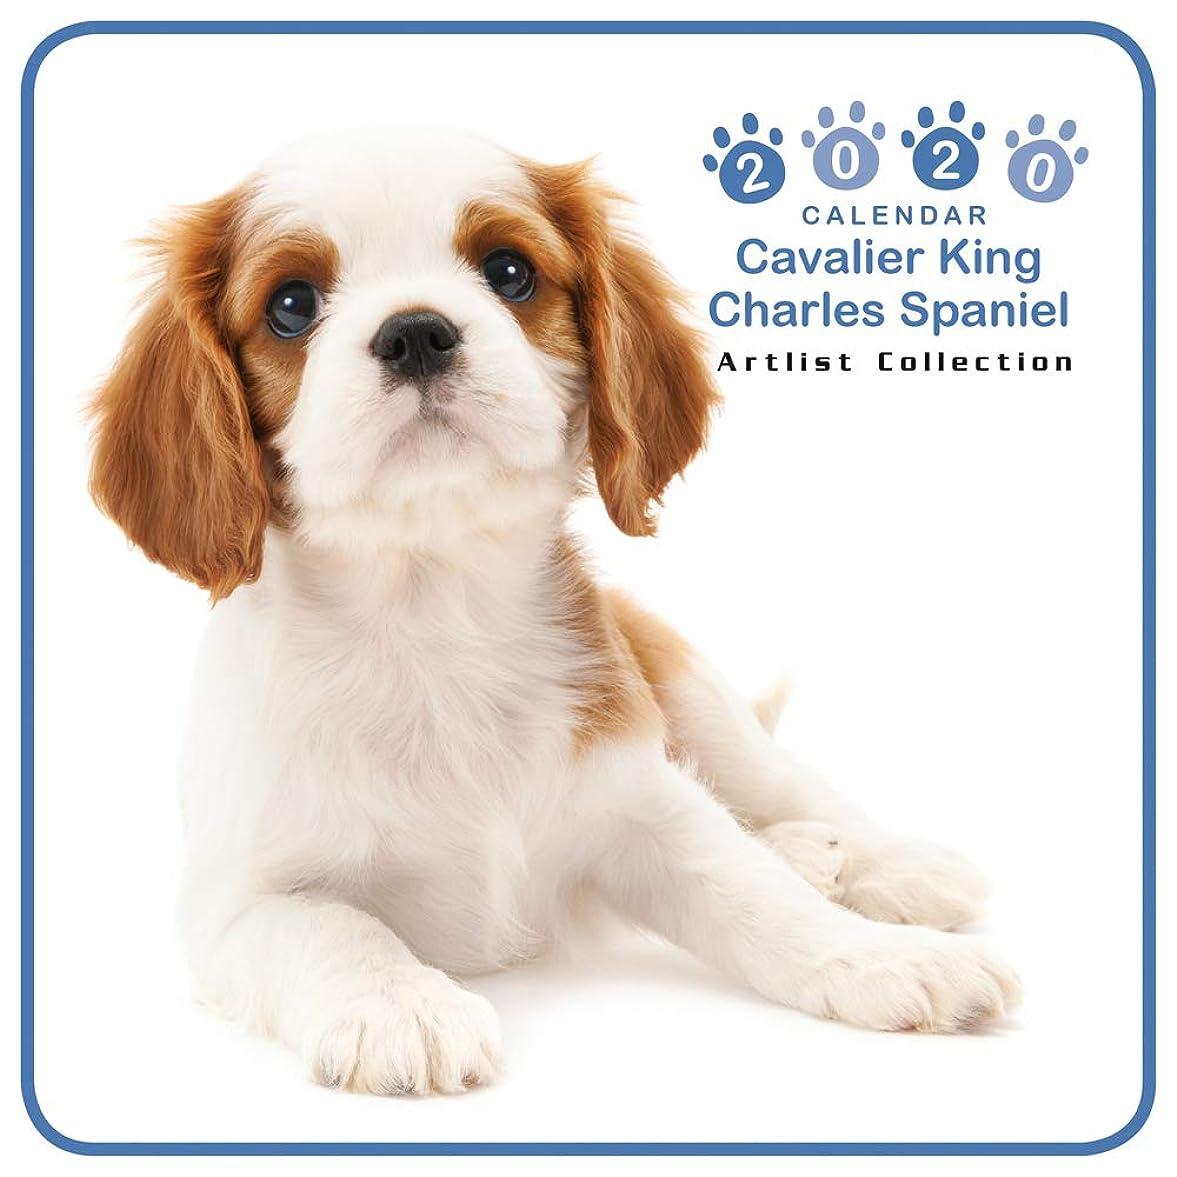 ポルトガル語あいまいなええカレンダー 2020 ミニサイズ 壁掛け キャバリア?キング?チャールズ?スパニエル (ミニ) 403347 ノーマルレンズシリーズ 2019年9月-2020年12月 アーリスト イヌ いぬ Cavalier King Charles Spaniel